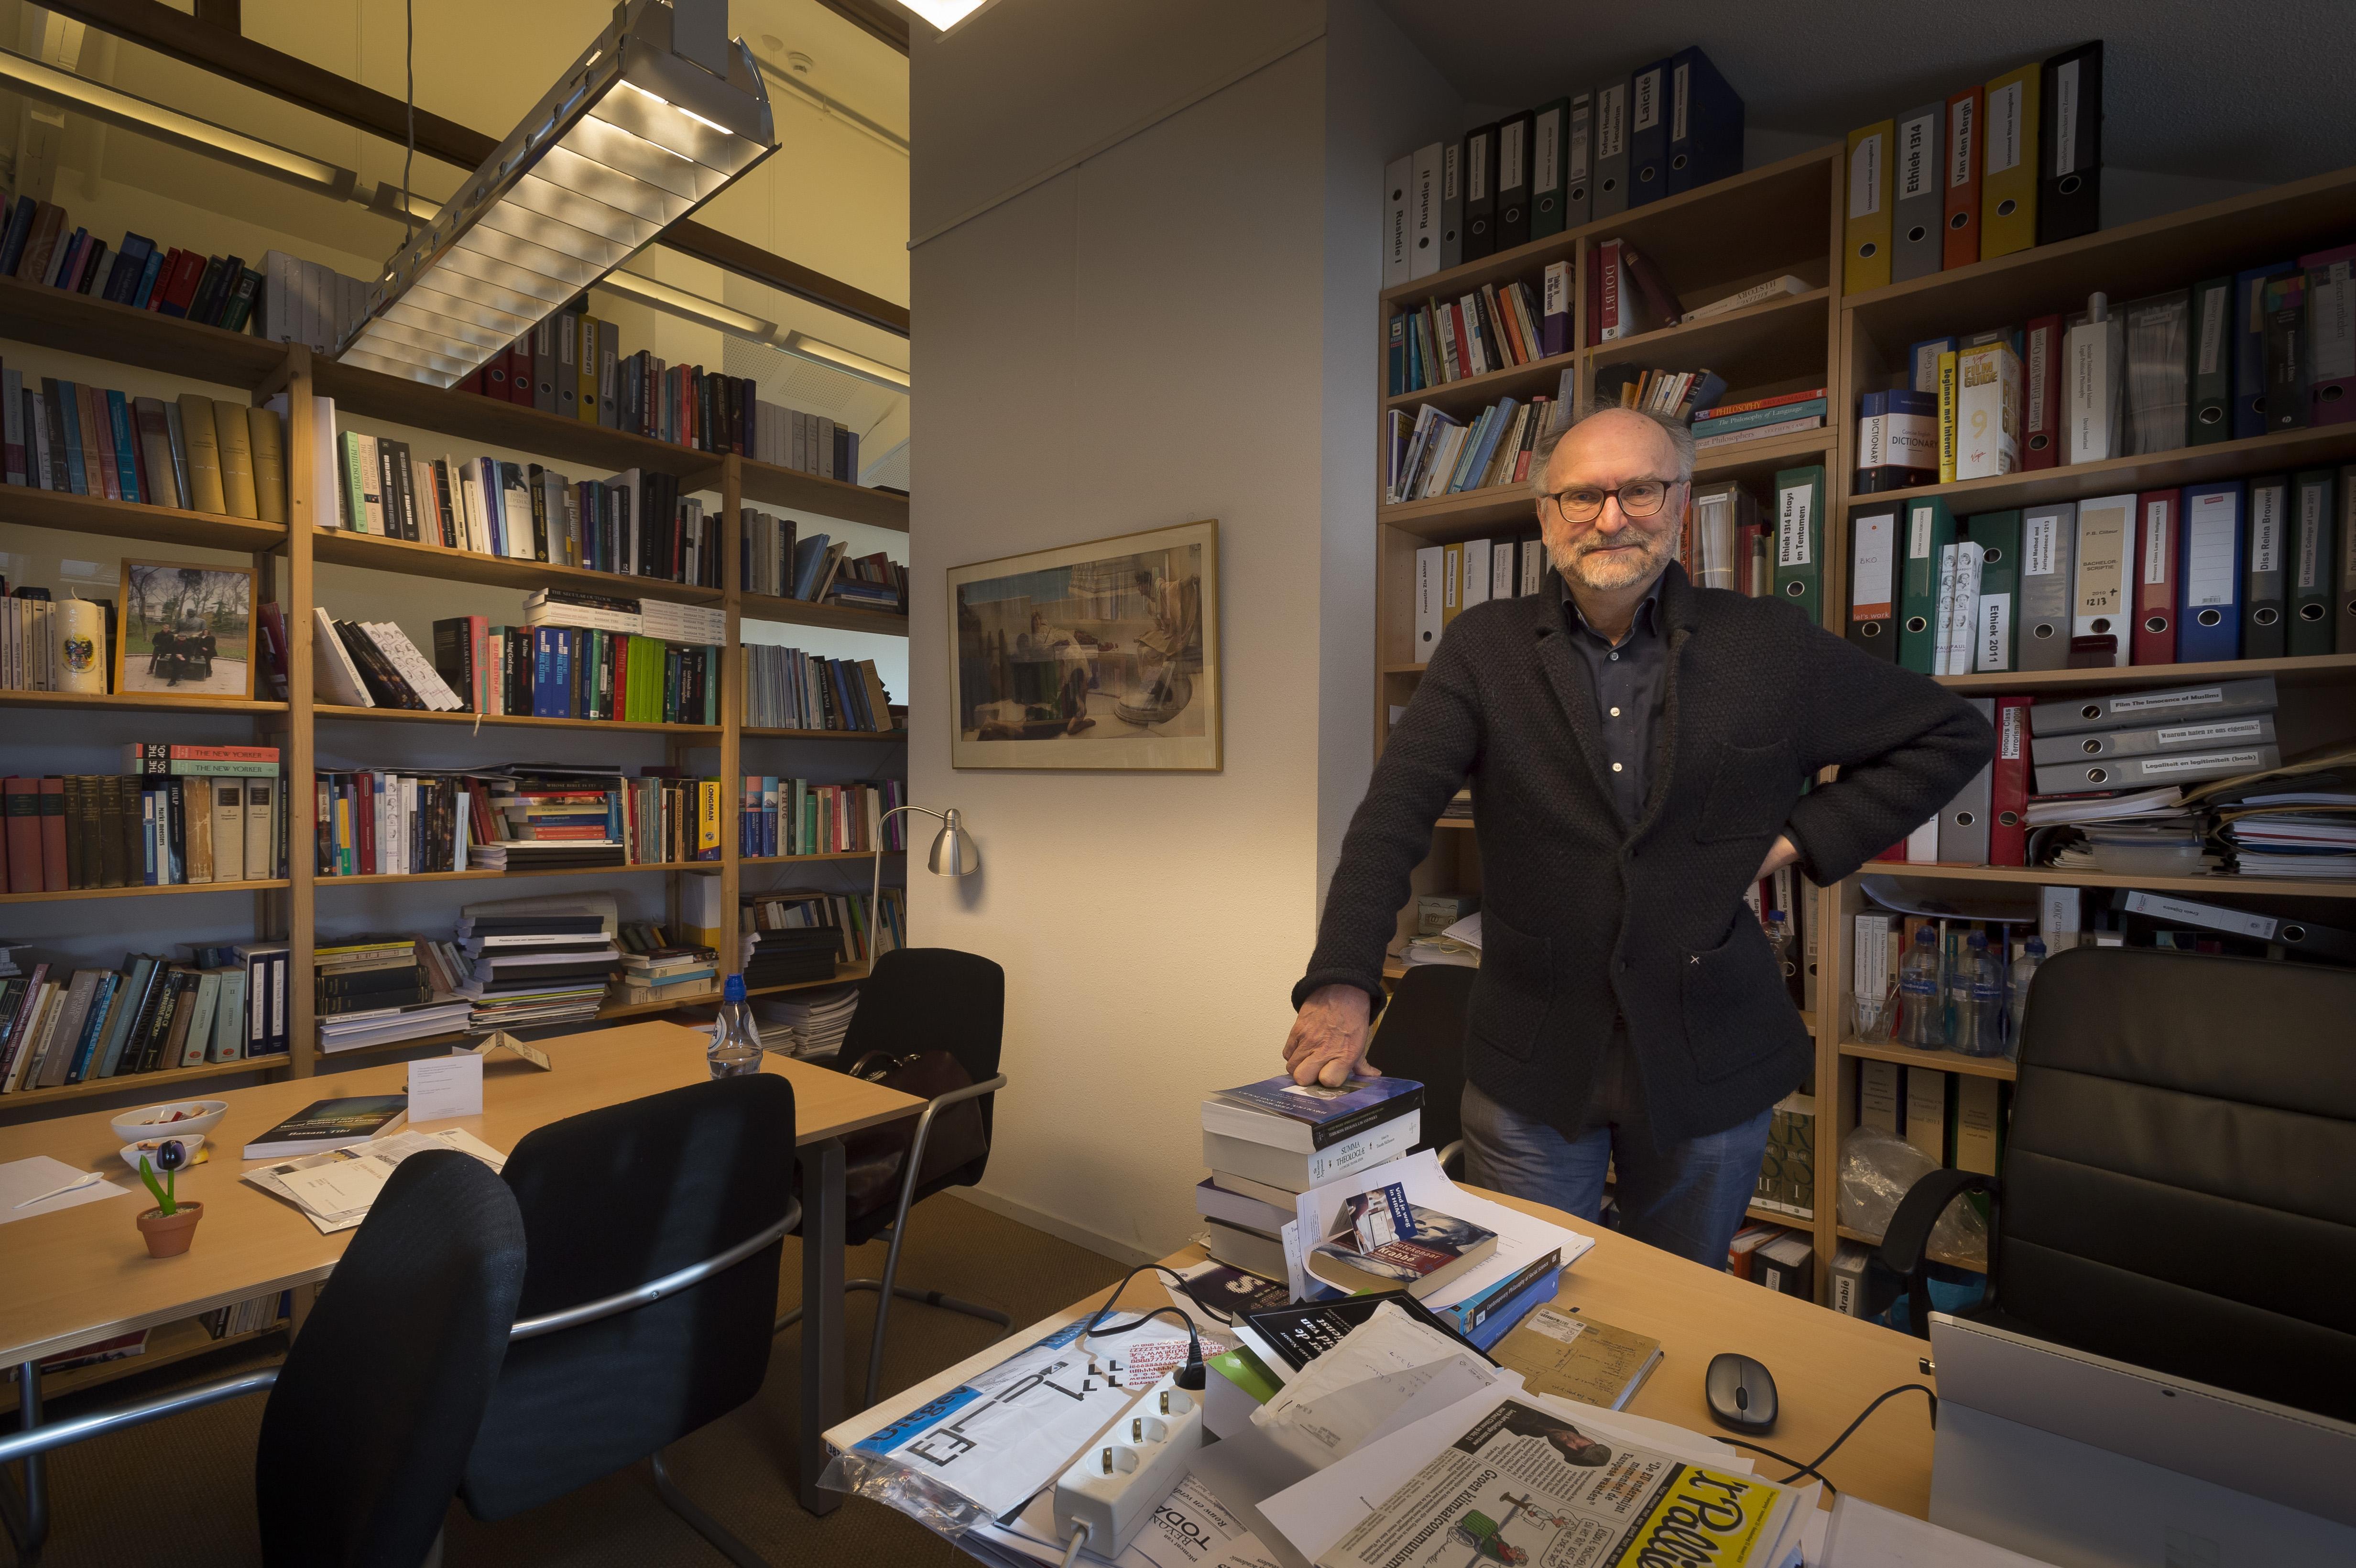 Externe commissie Universiteit Leiden onderzoekt 'beschuldigingen van antisemitisme' [update]